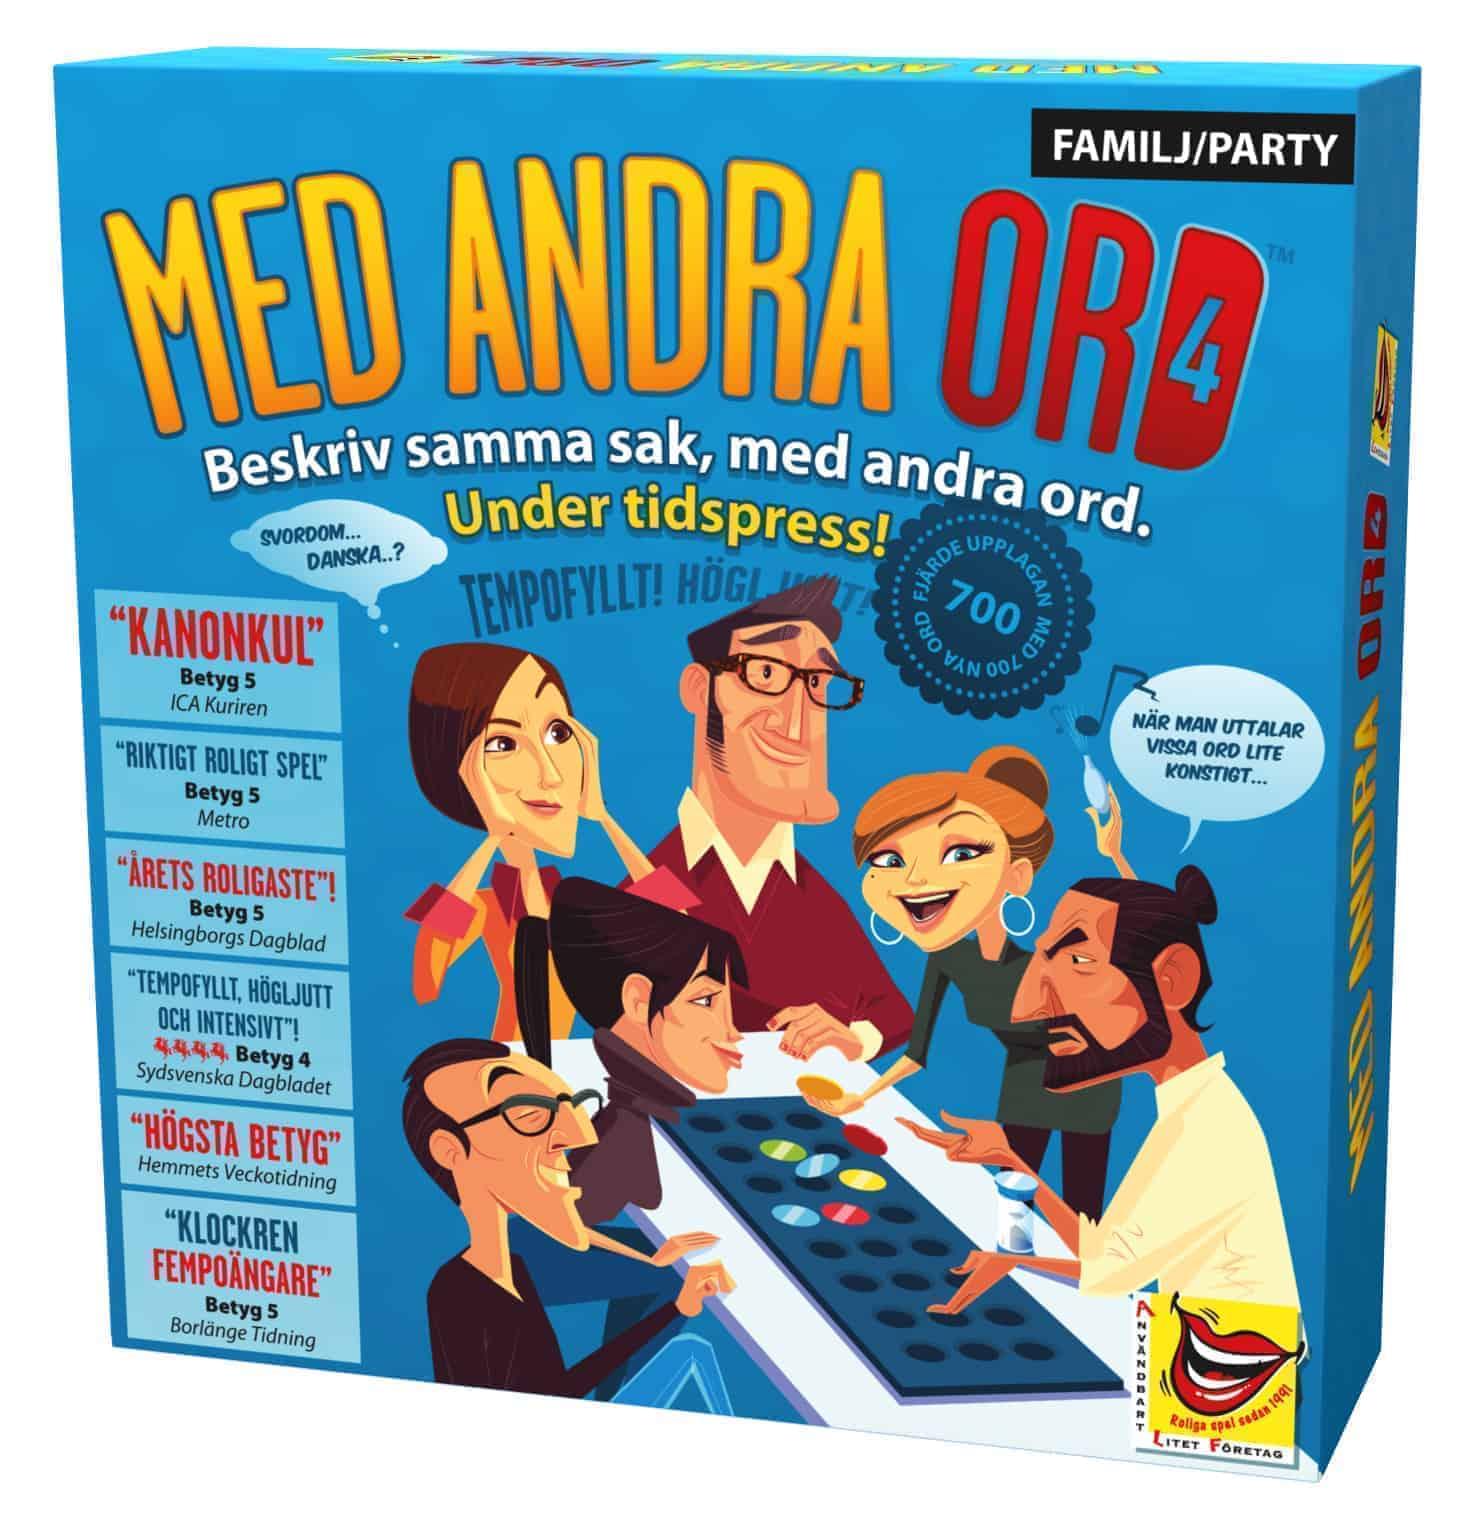 SPEL MED ANDRA ORD